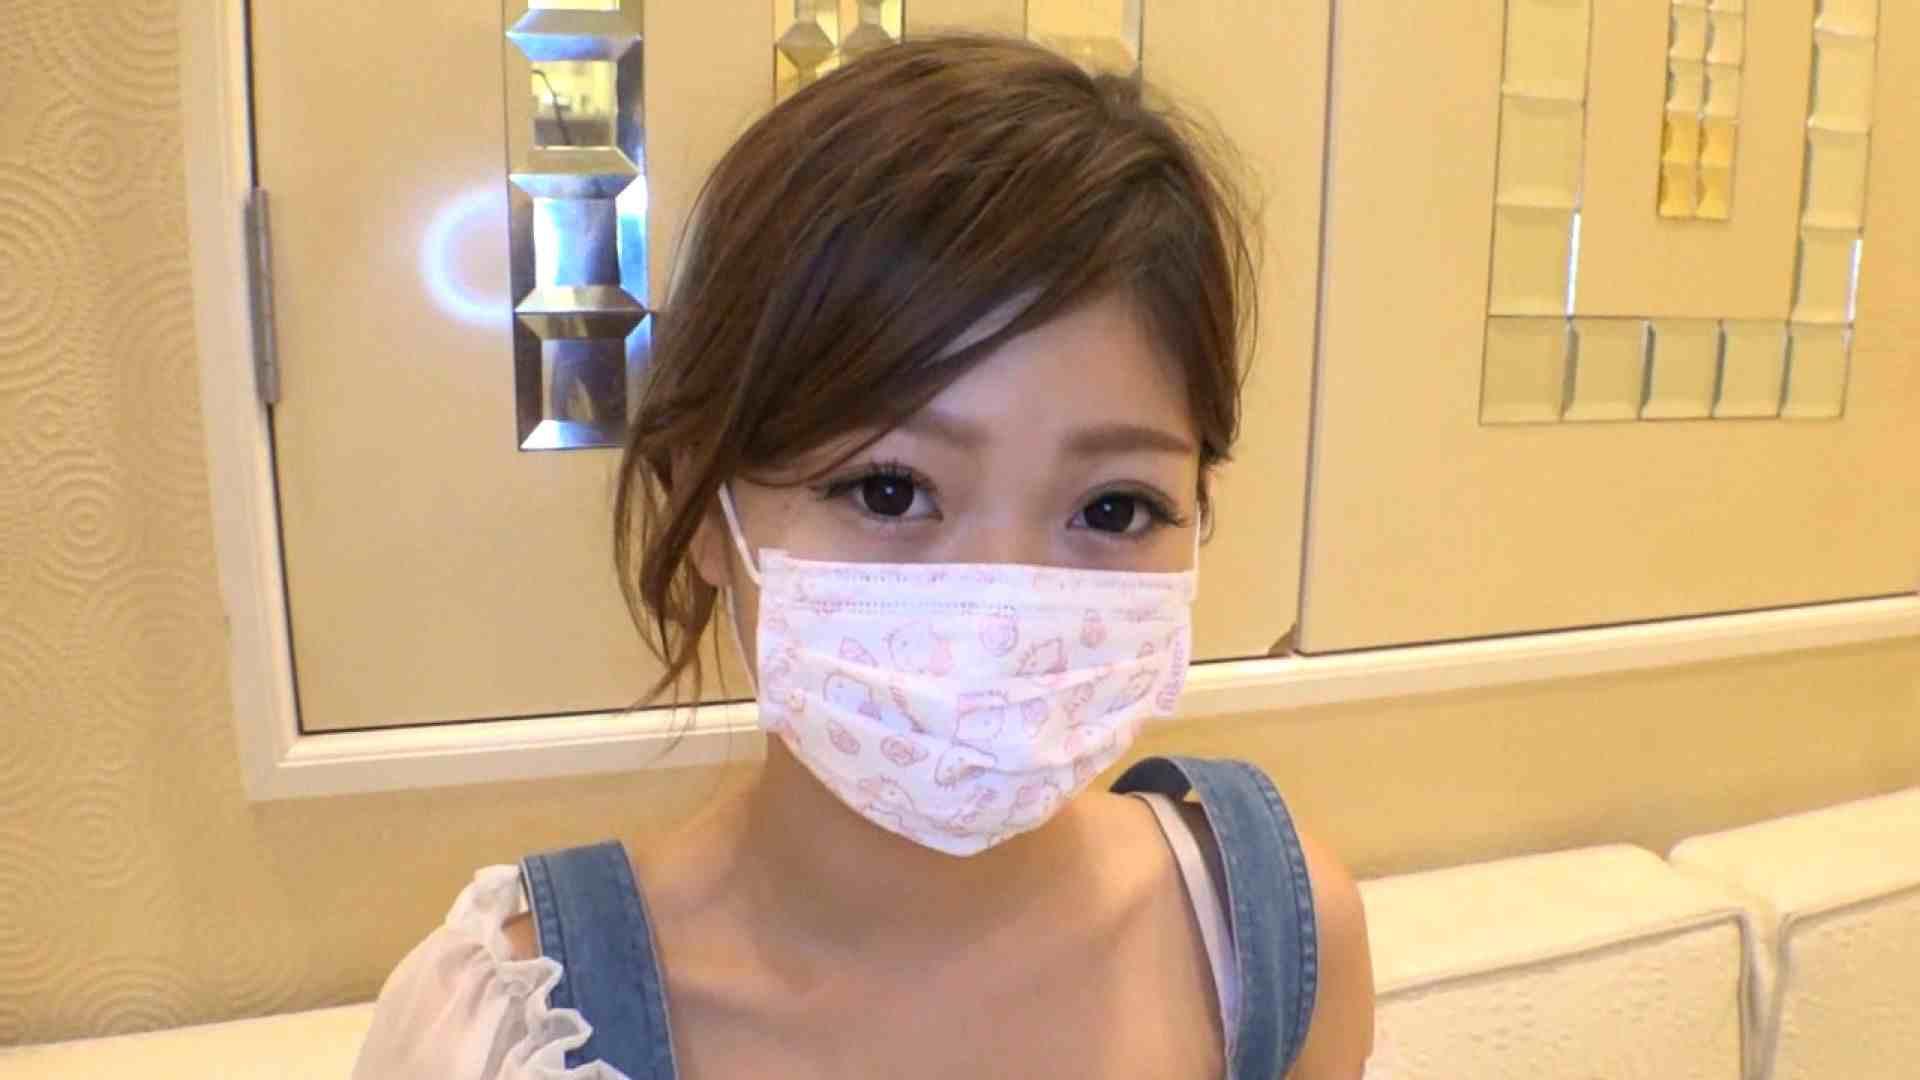 S級厳選美女ビッチガールVol.33 前編 ギャル  57枚 15